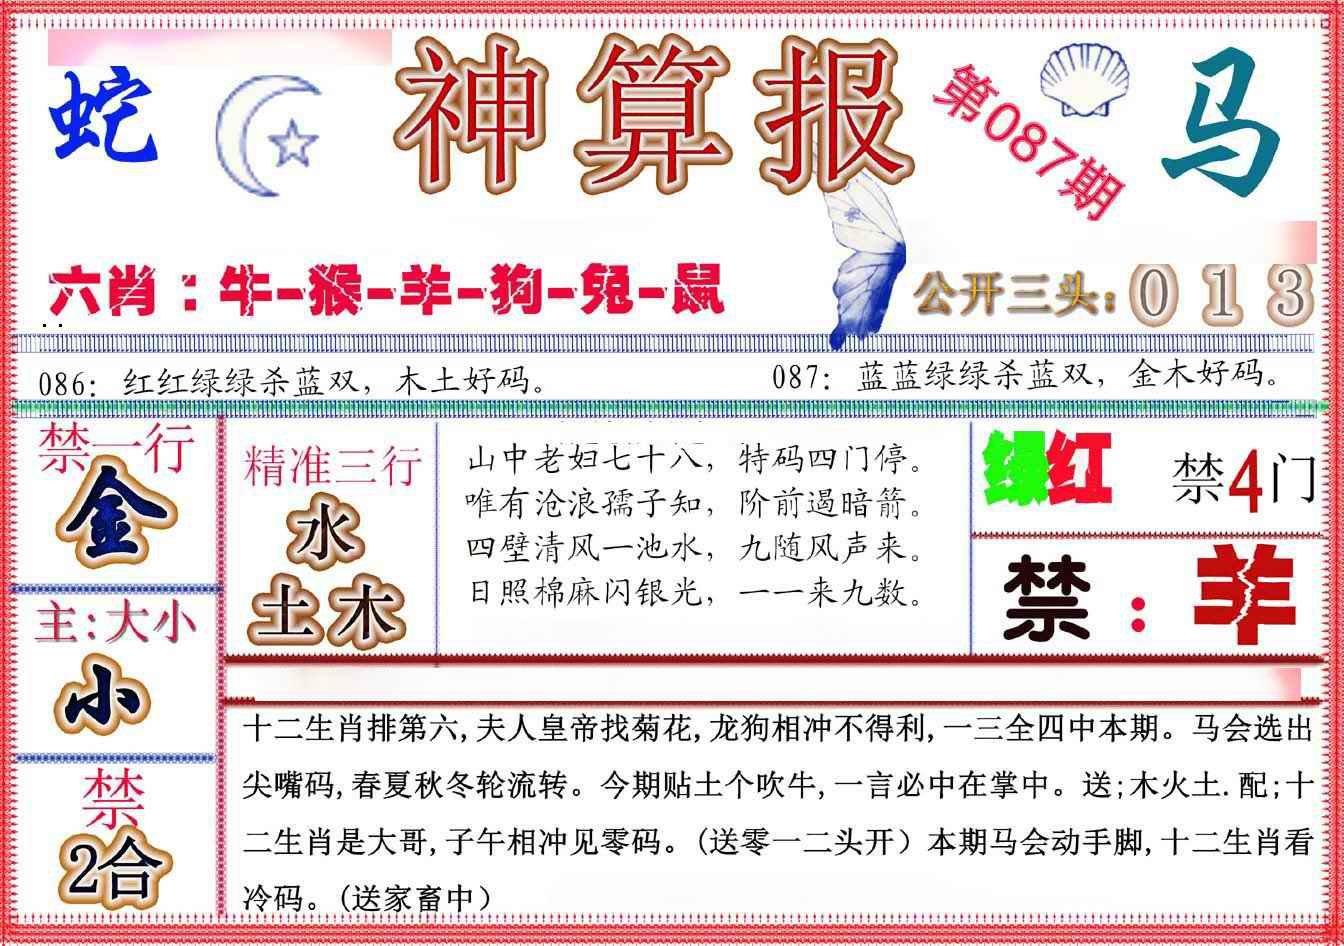 087期神算报(新版)